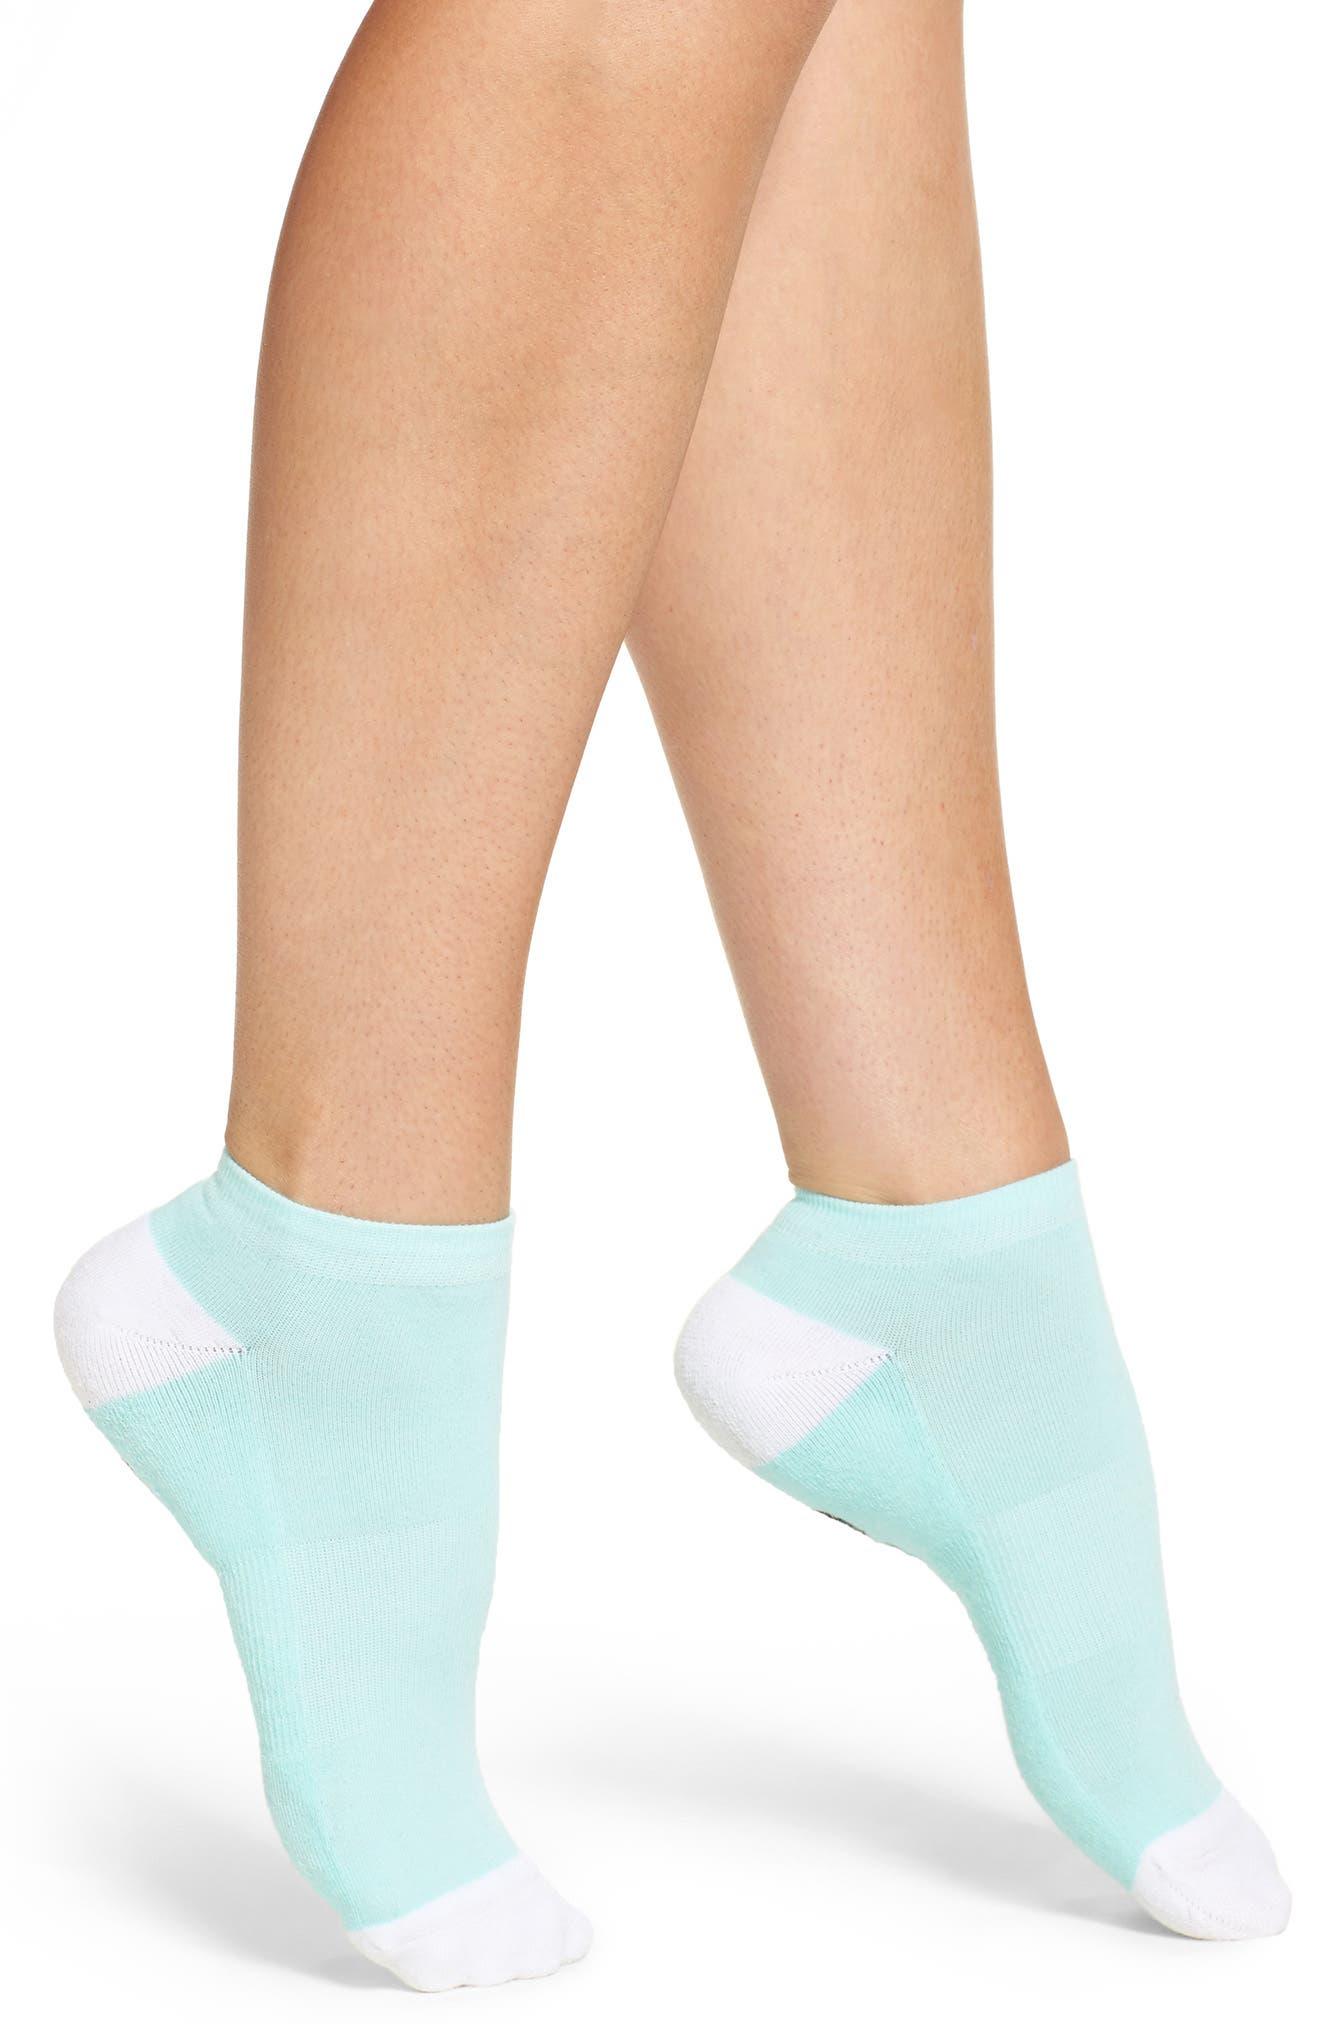 Mermaid Vibes Ankle Socks,                             Alternate thumbnail 2, color,                             Mint